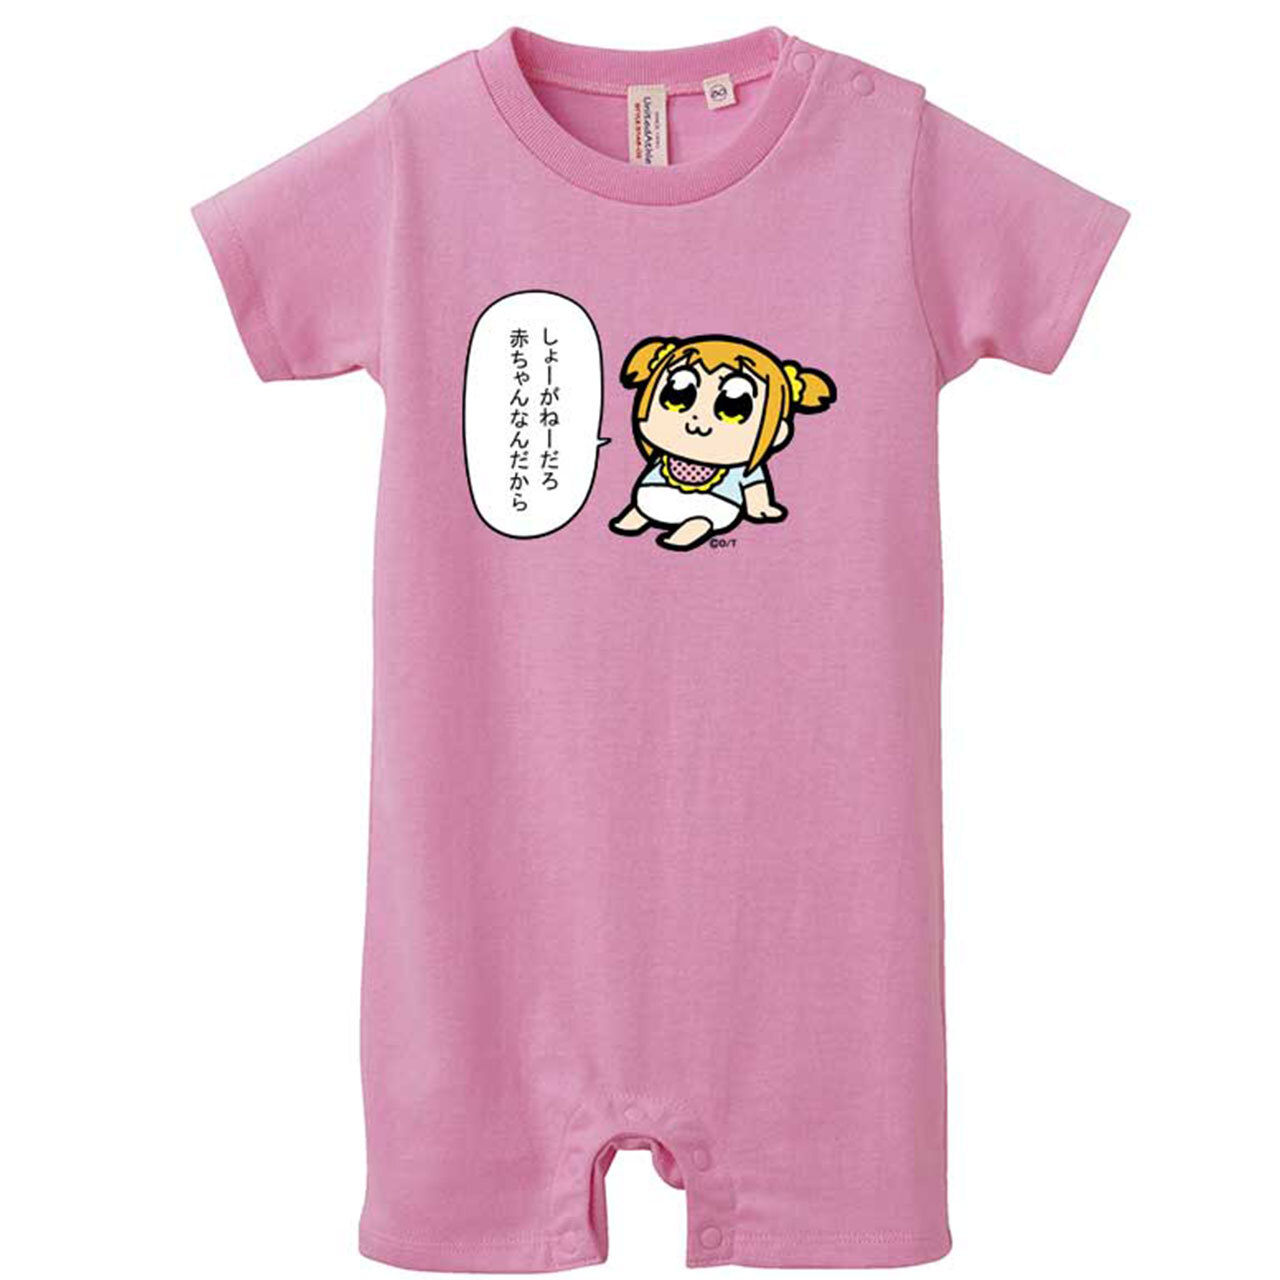 【4589839351508予】ポプテピピックロンパース(ピンク)